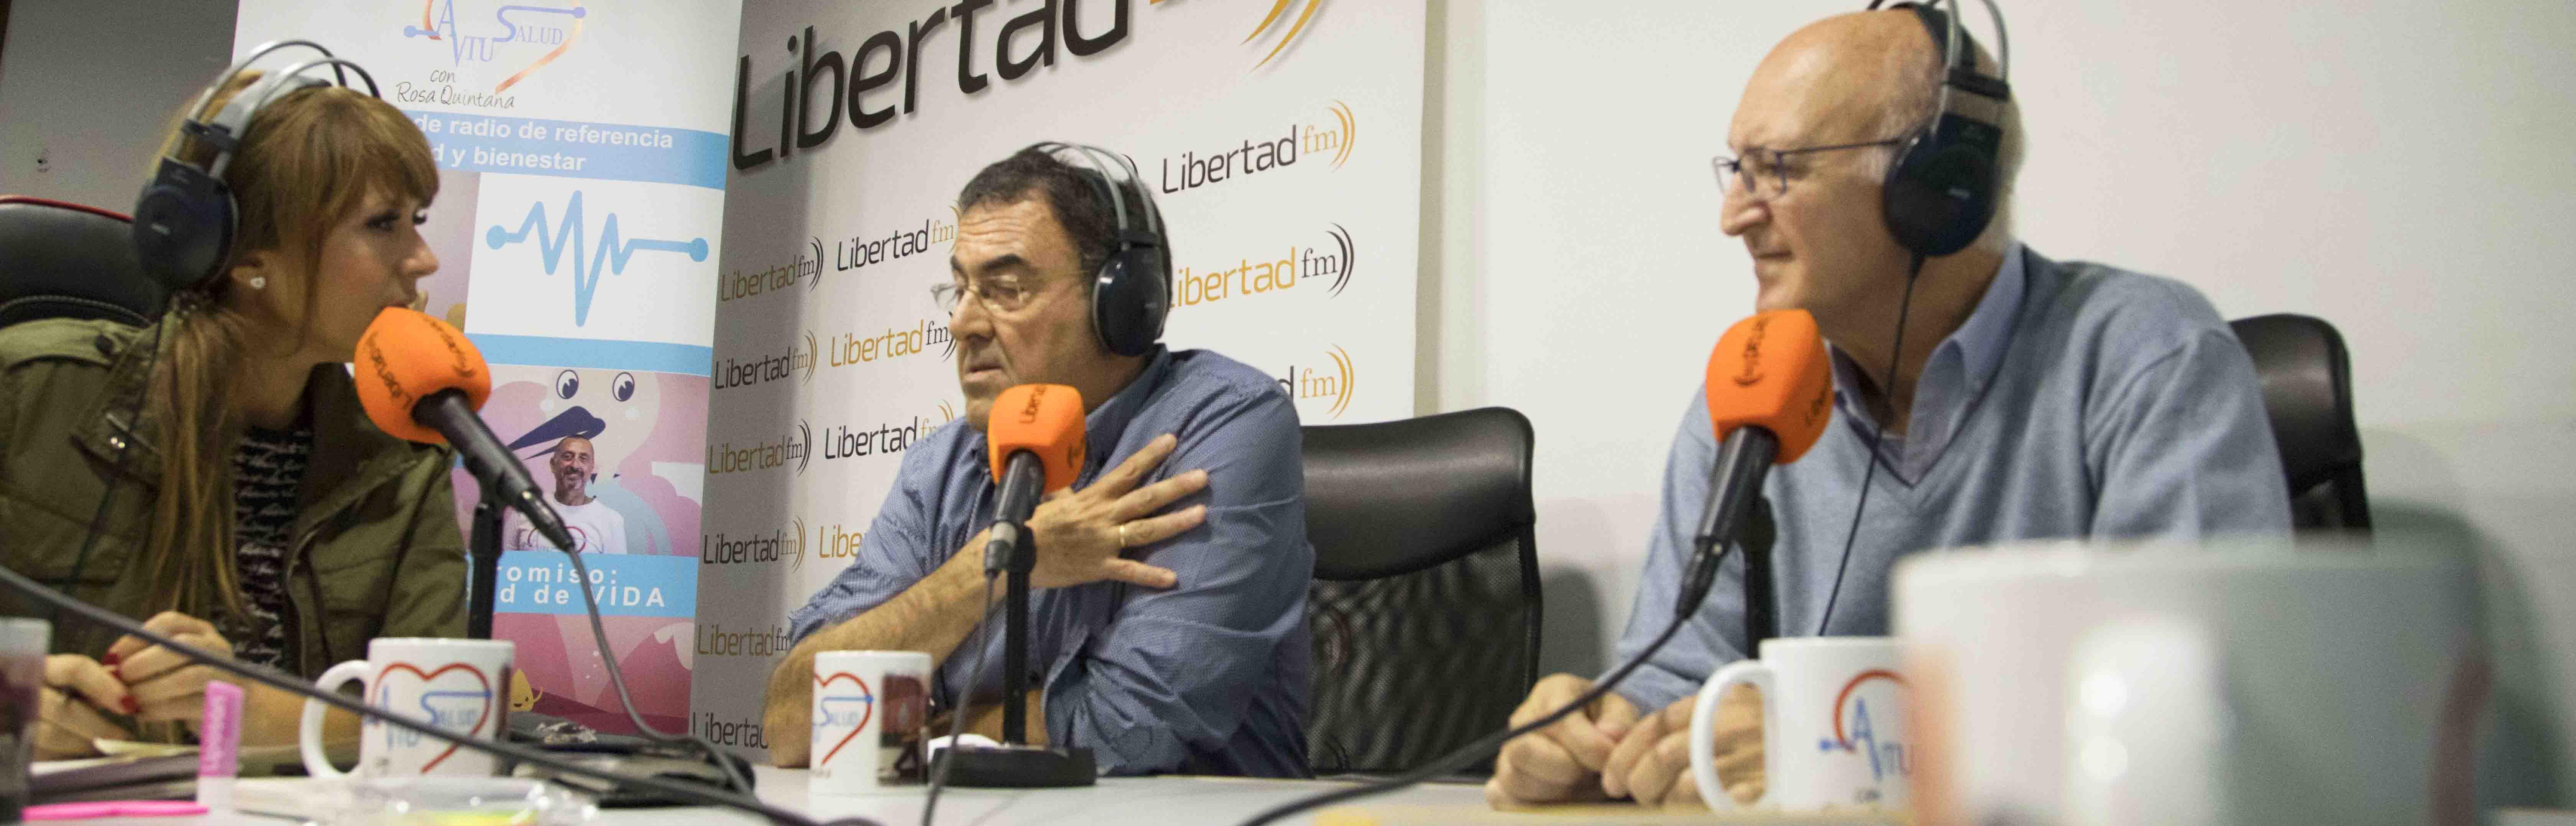 La Depresión - De Salud Psicólogos - Vivir y superar una depresión - José de Sola - Psicólogos en Madrid - Psicólogos en Málaga